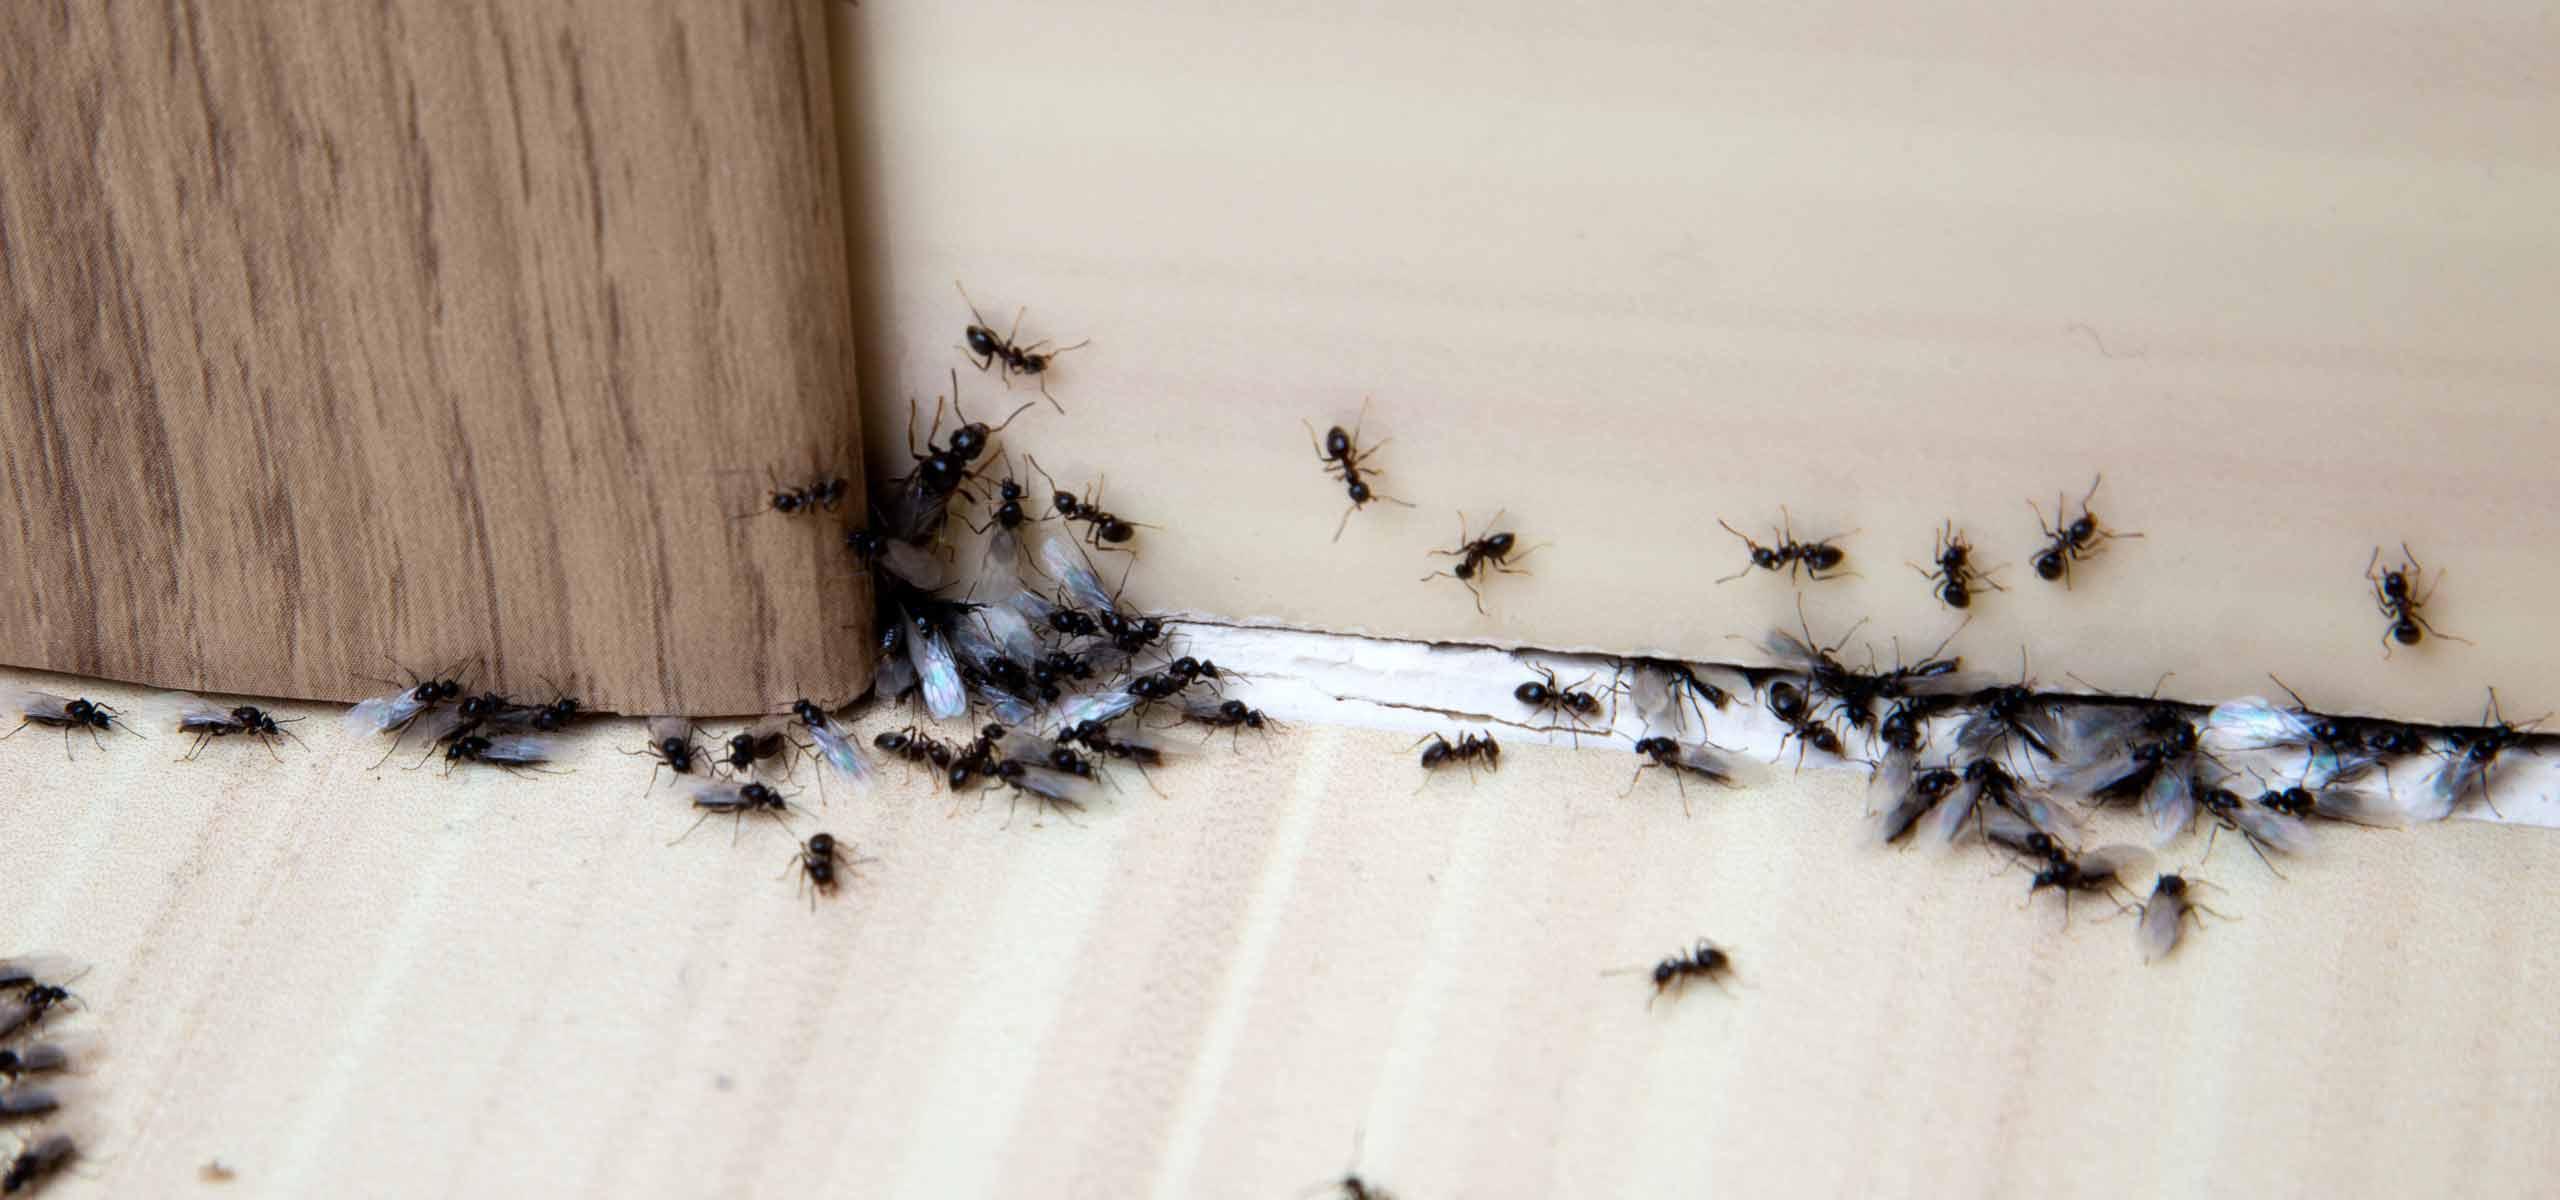 Ant Exterminator | Ant Pest Control